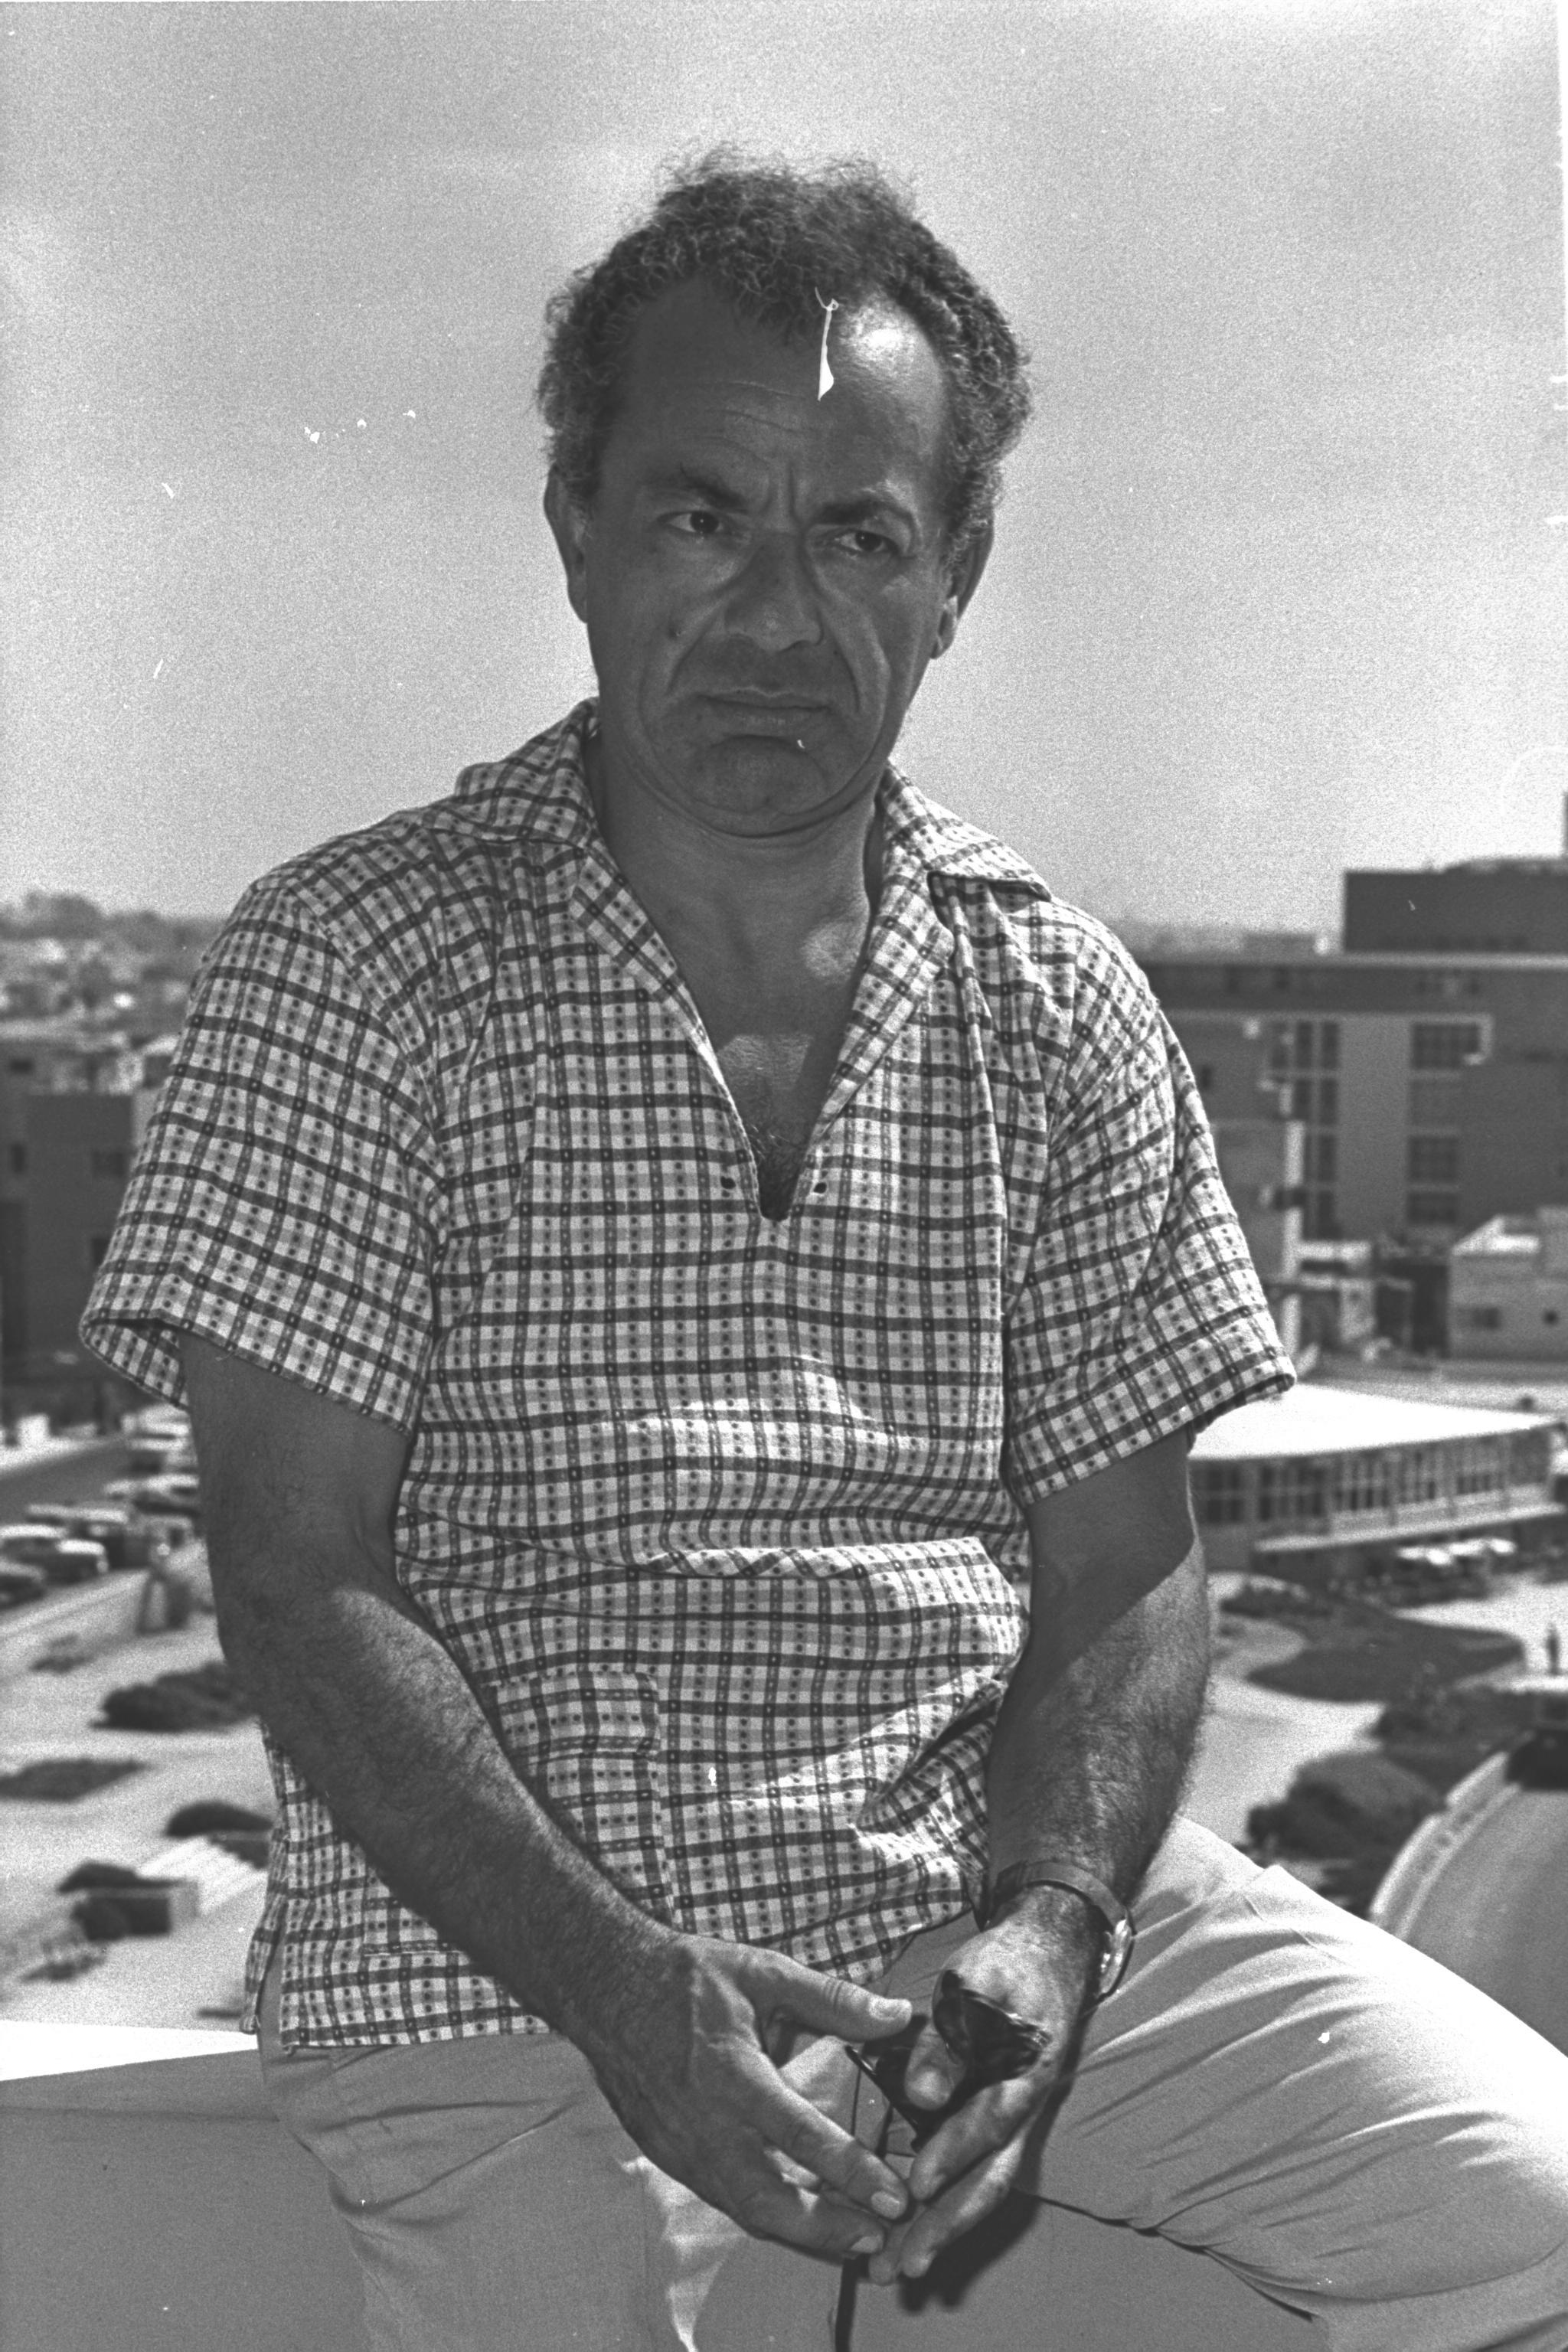 Alexander Schneider during a visit to Israel, 1961